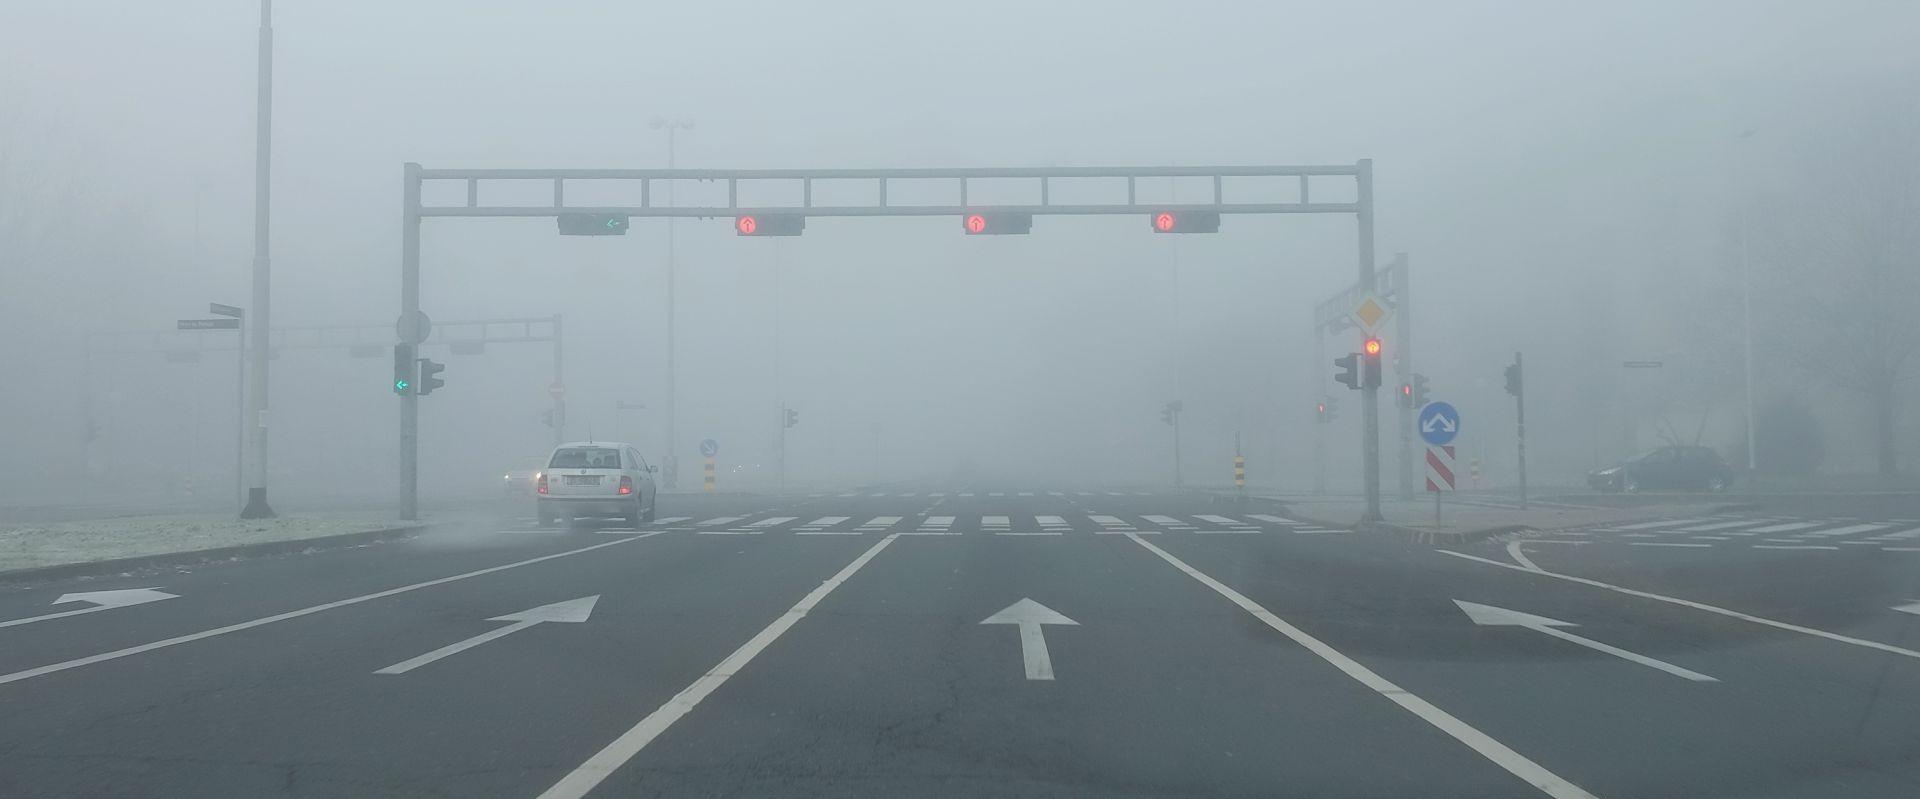 HAK Magla smanjuje vidljivost i usporava vožnju